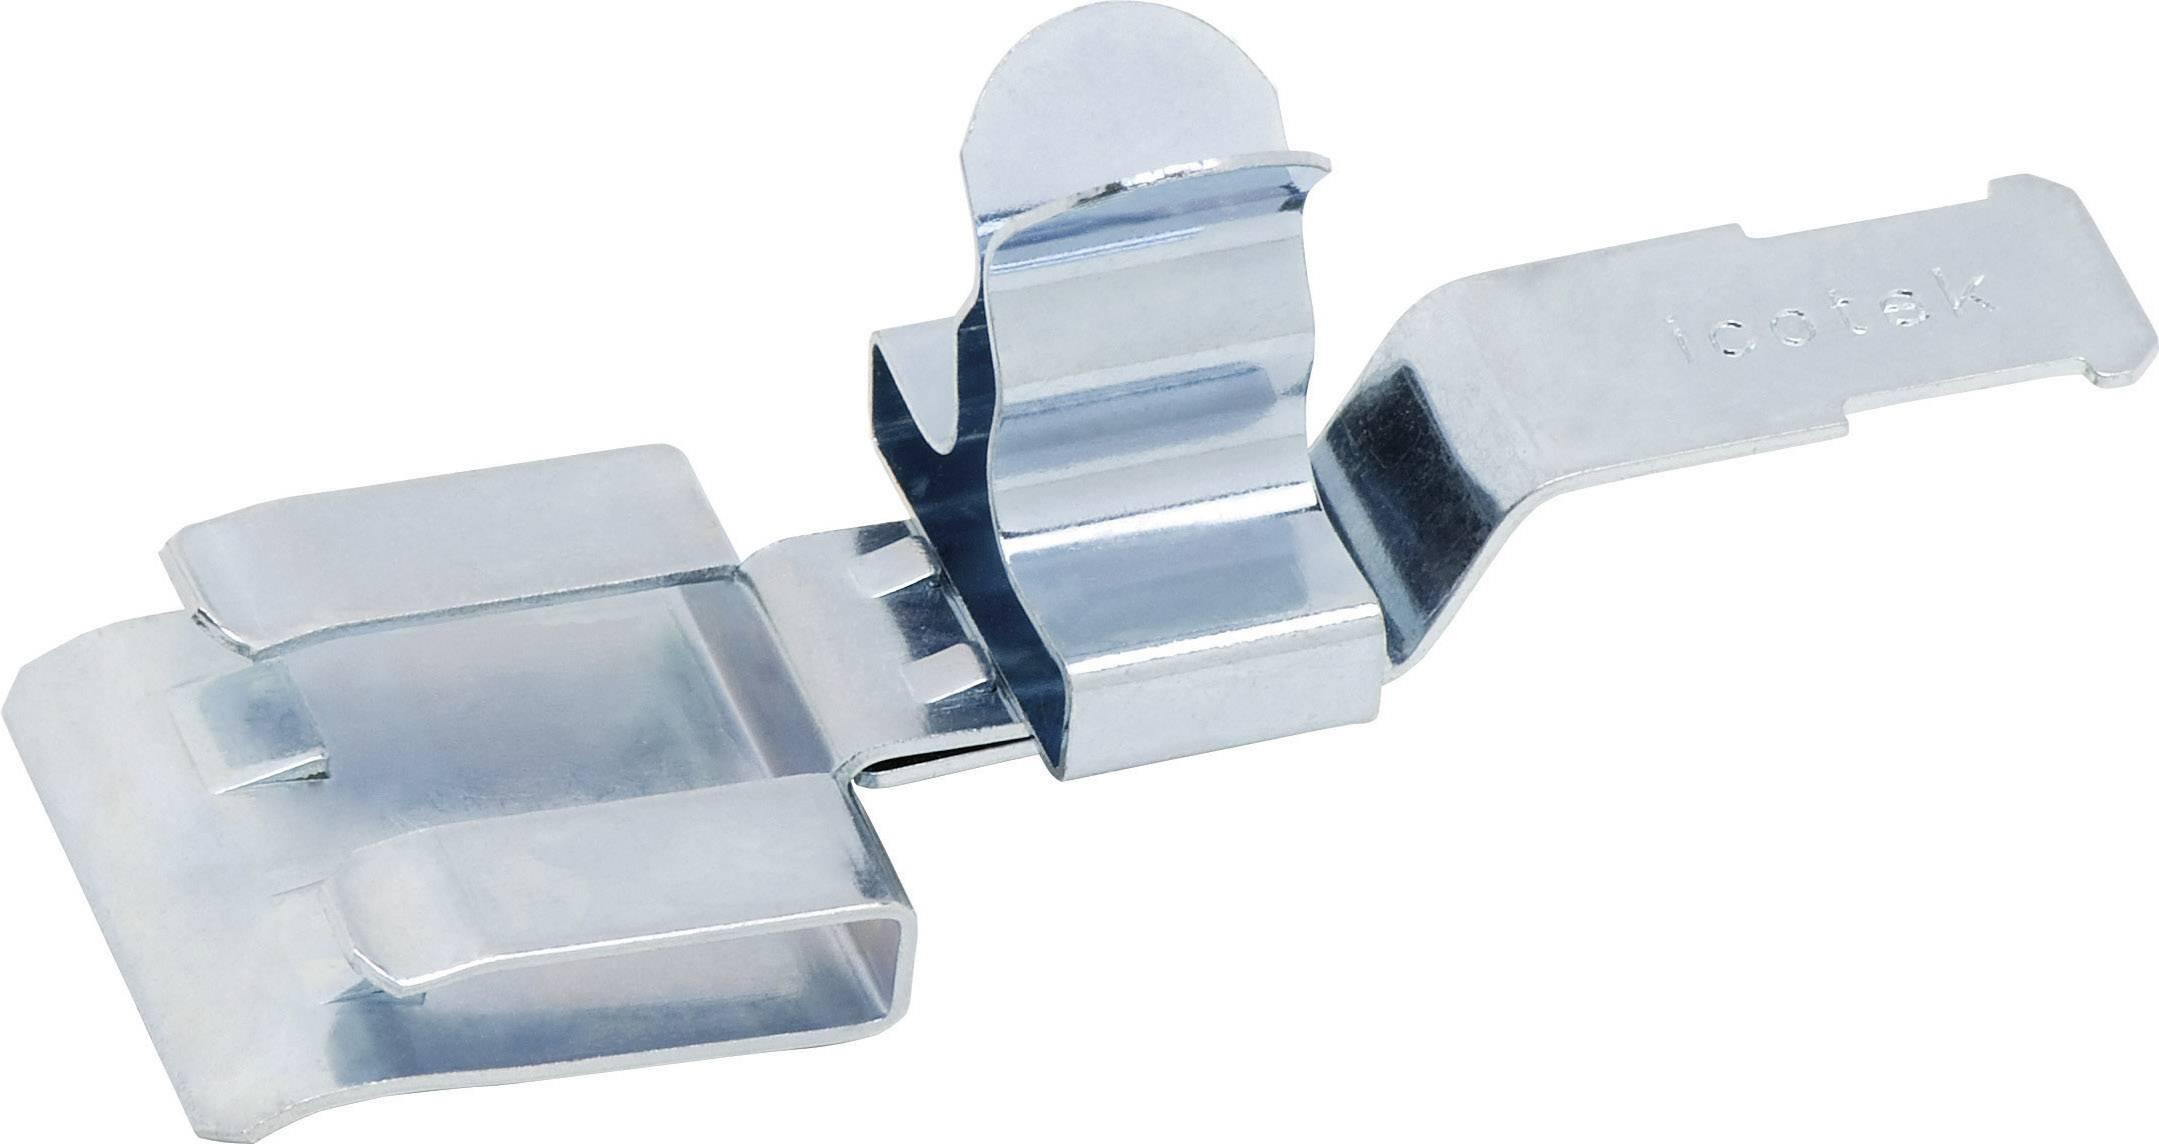 Icotek Zaščitna sponka PFZ PFZ SKL 9-11 za kabel- 9 - 11 mm, pocinkano vzmetno jeklo